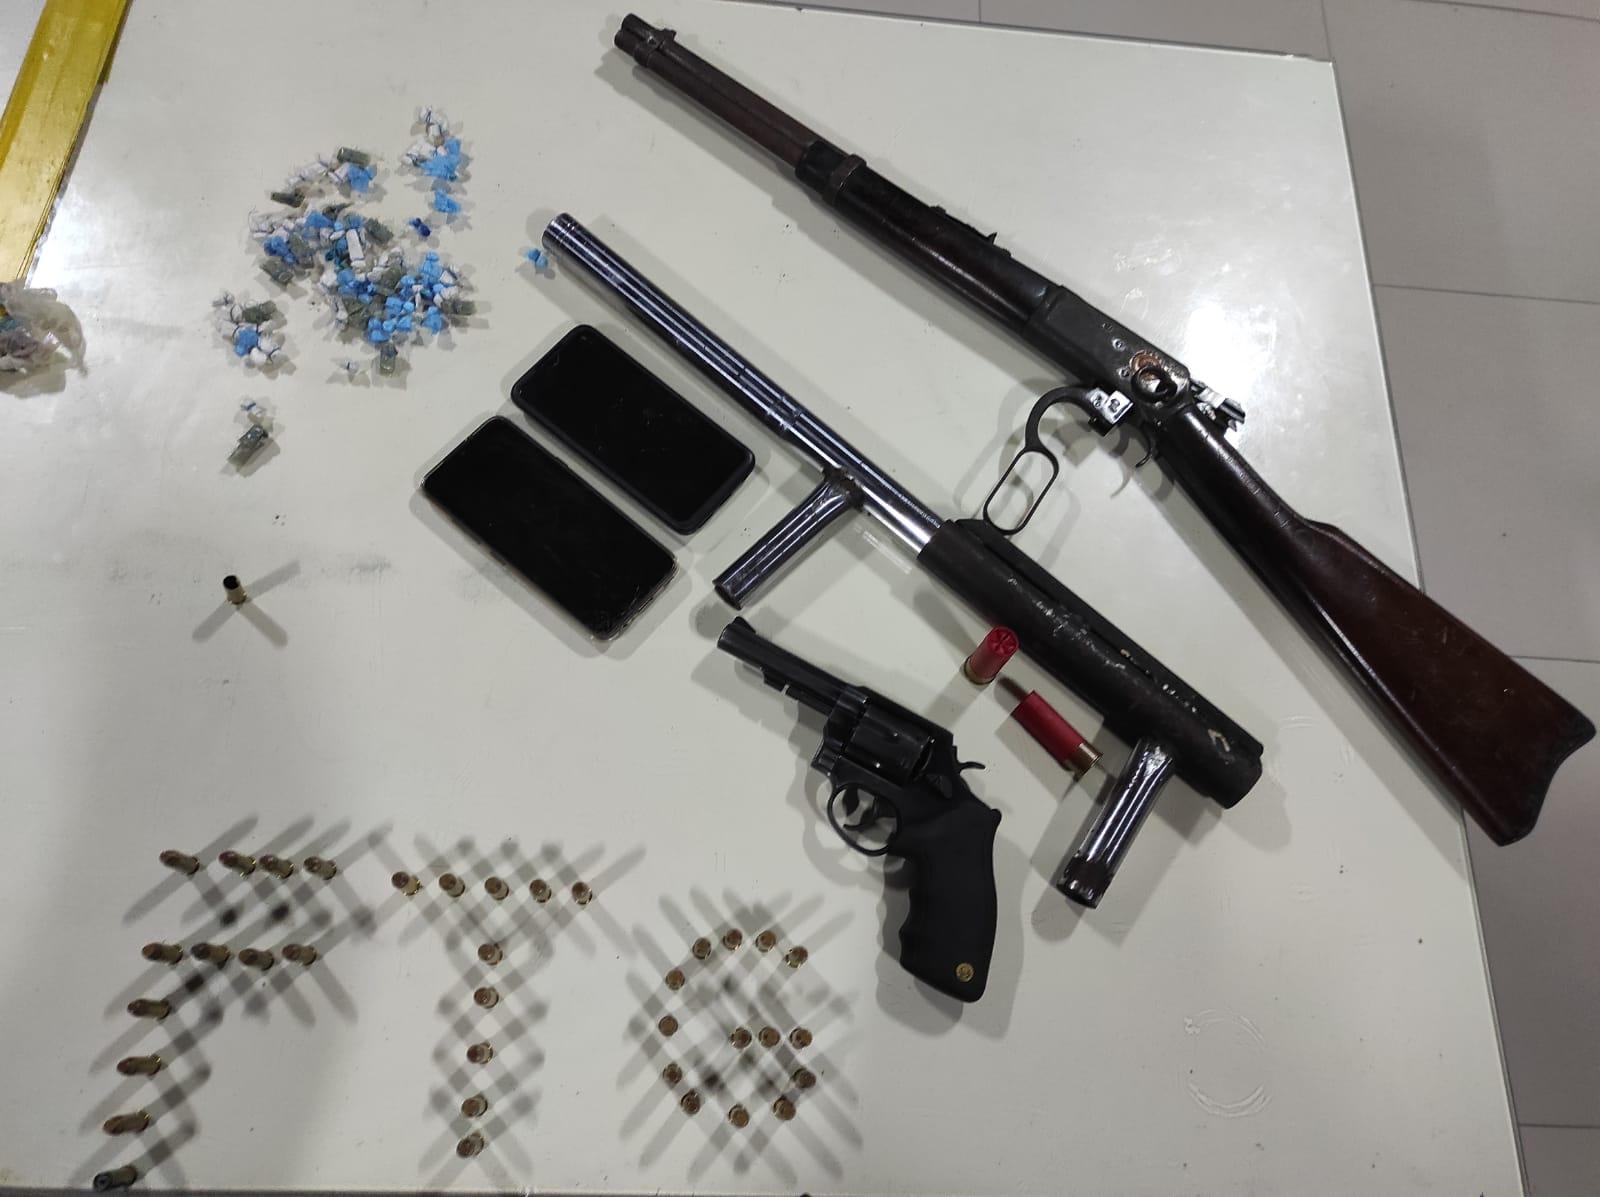 PMCE captura três suspeitos com rifle, espingarda, revólver e drogas no bairro Curió, em Fortaleza-CE